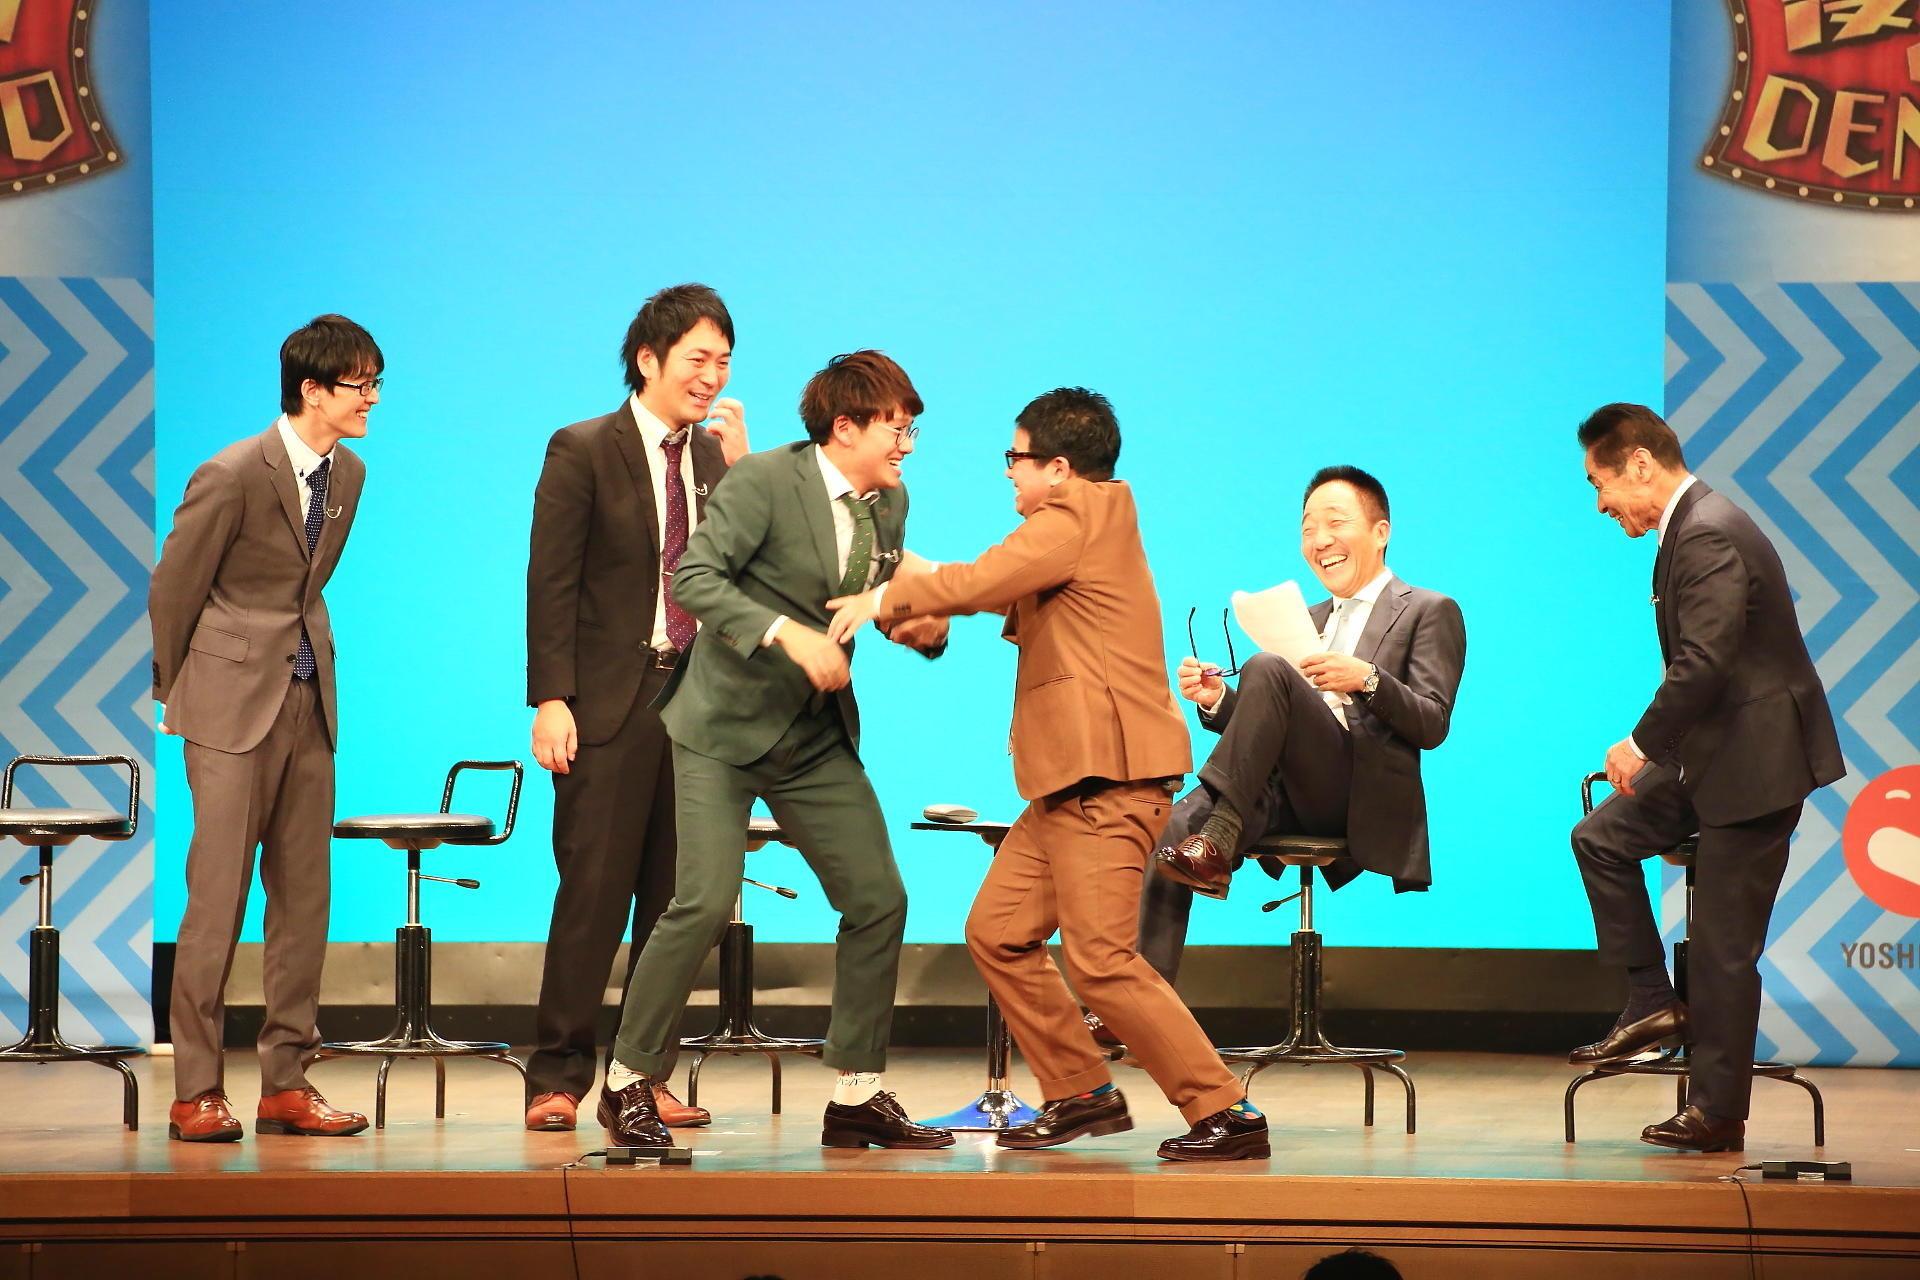 http://news.yoshimoto.co.jp/20171112095313-c0e2917e1b7f04440dd69f30beb15cd78407057b.jpg